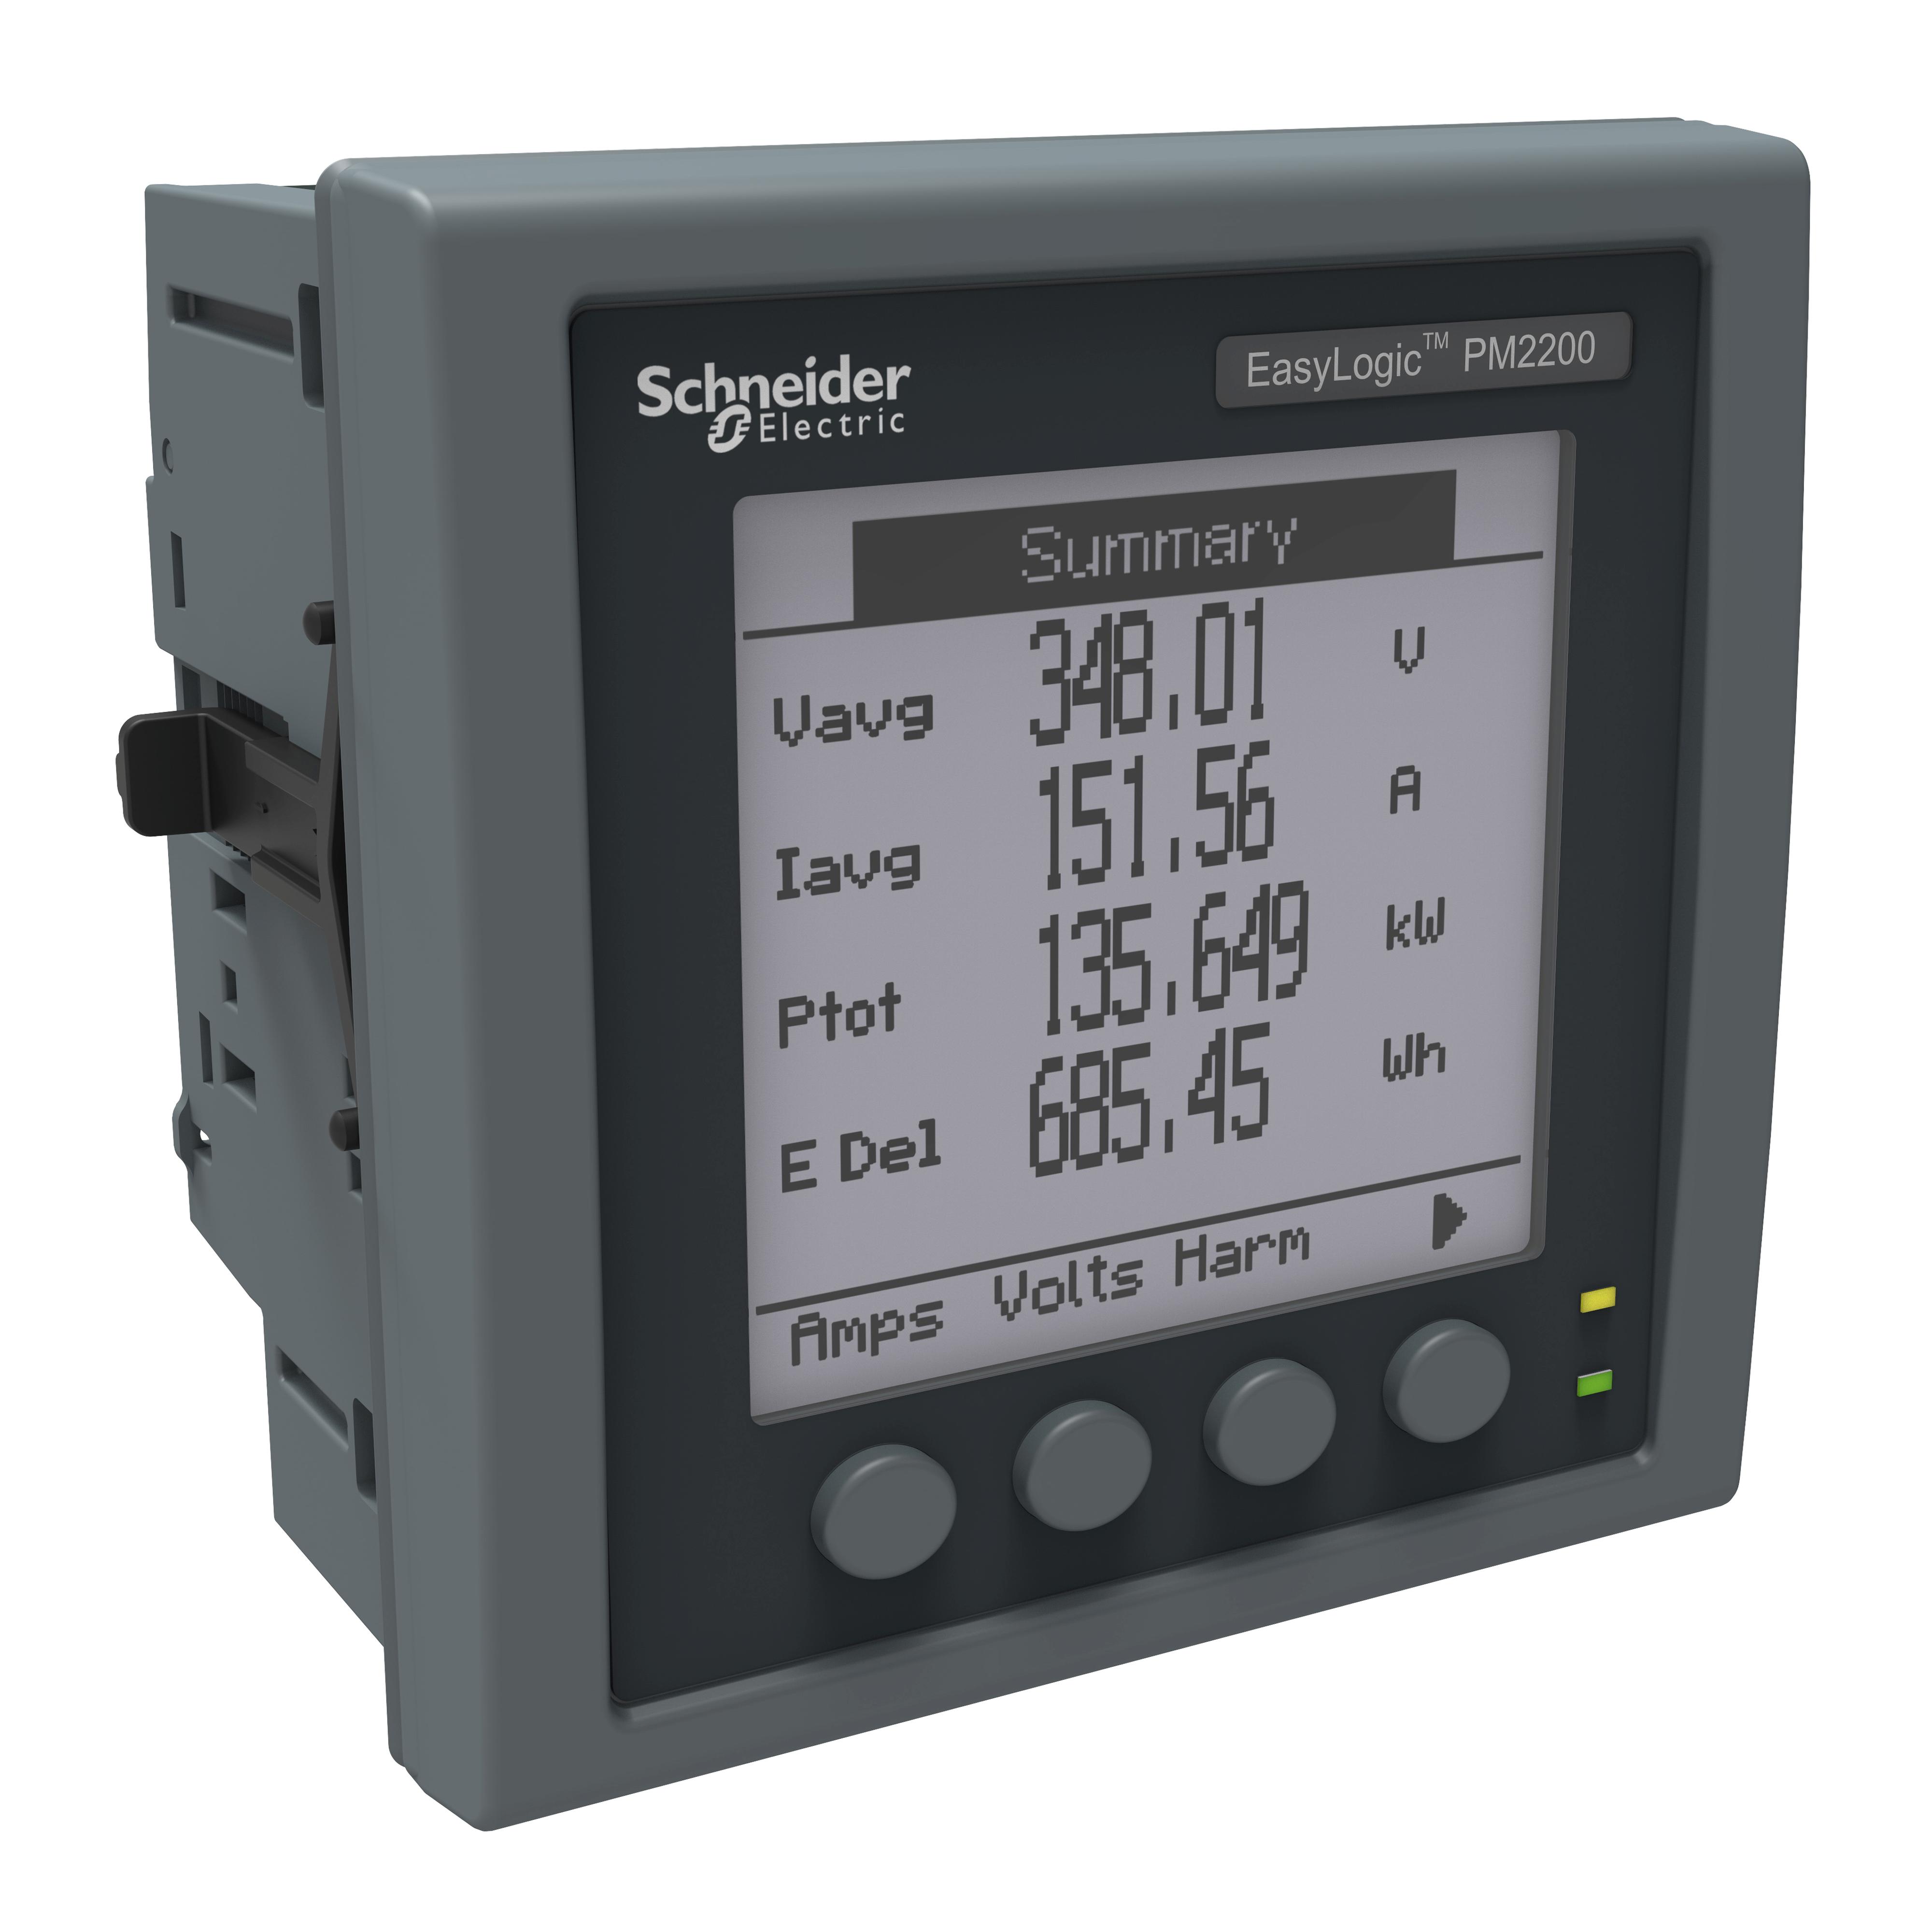 Измеритель мощности (счётчик) с сертификатом поверки LCD RS485 CL1, PM2120, EasyLogic Schneider Electric, METSEPM2220R